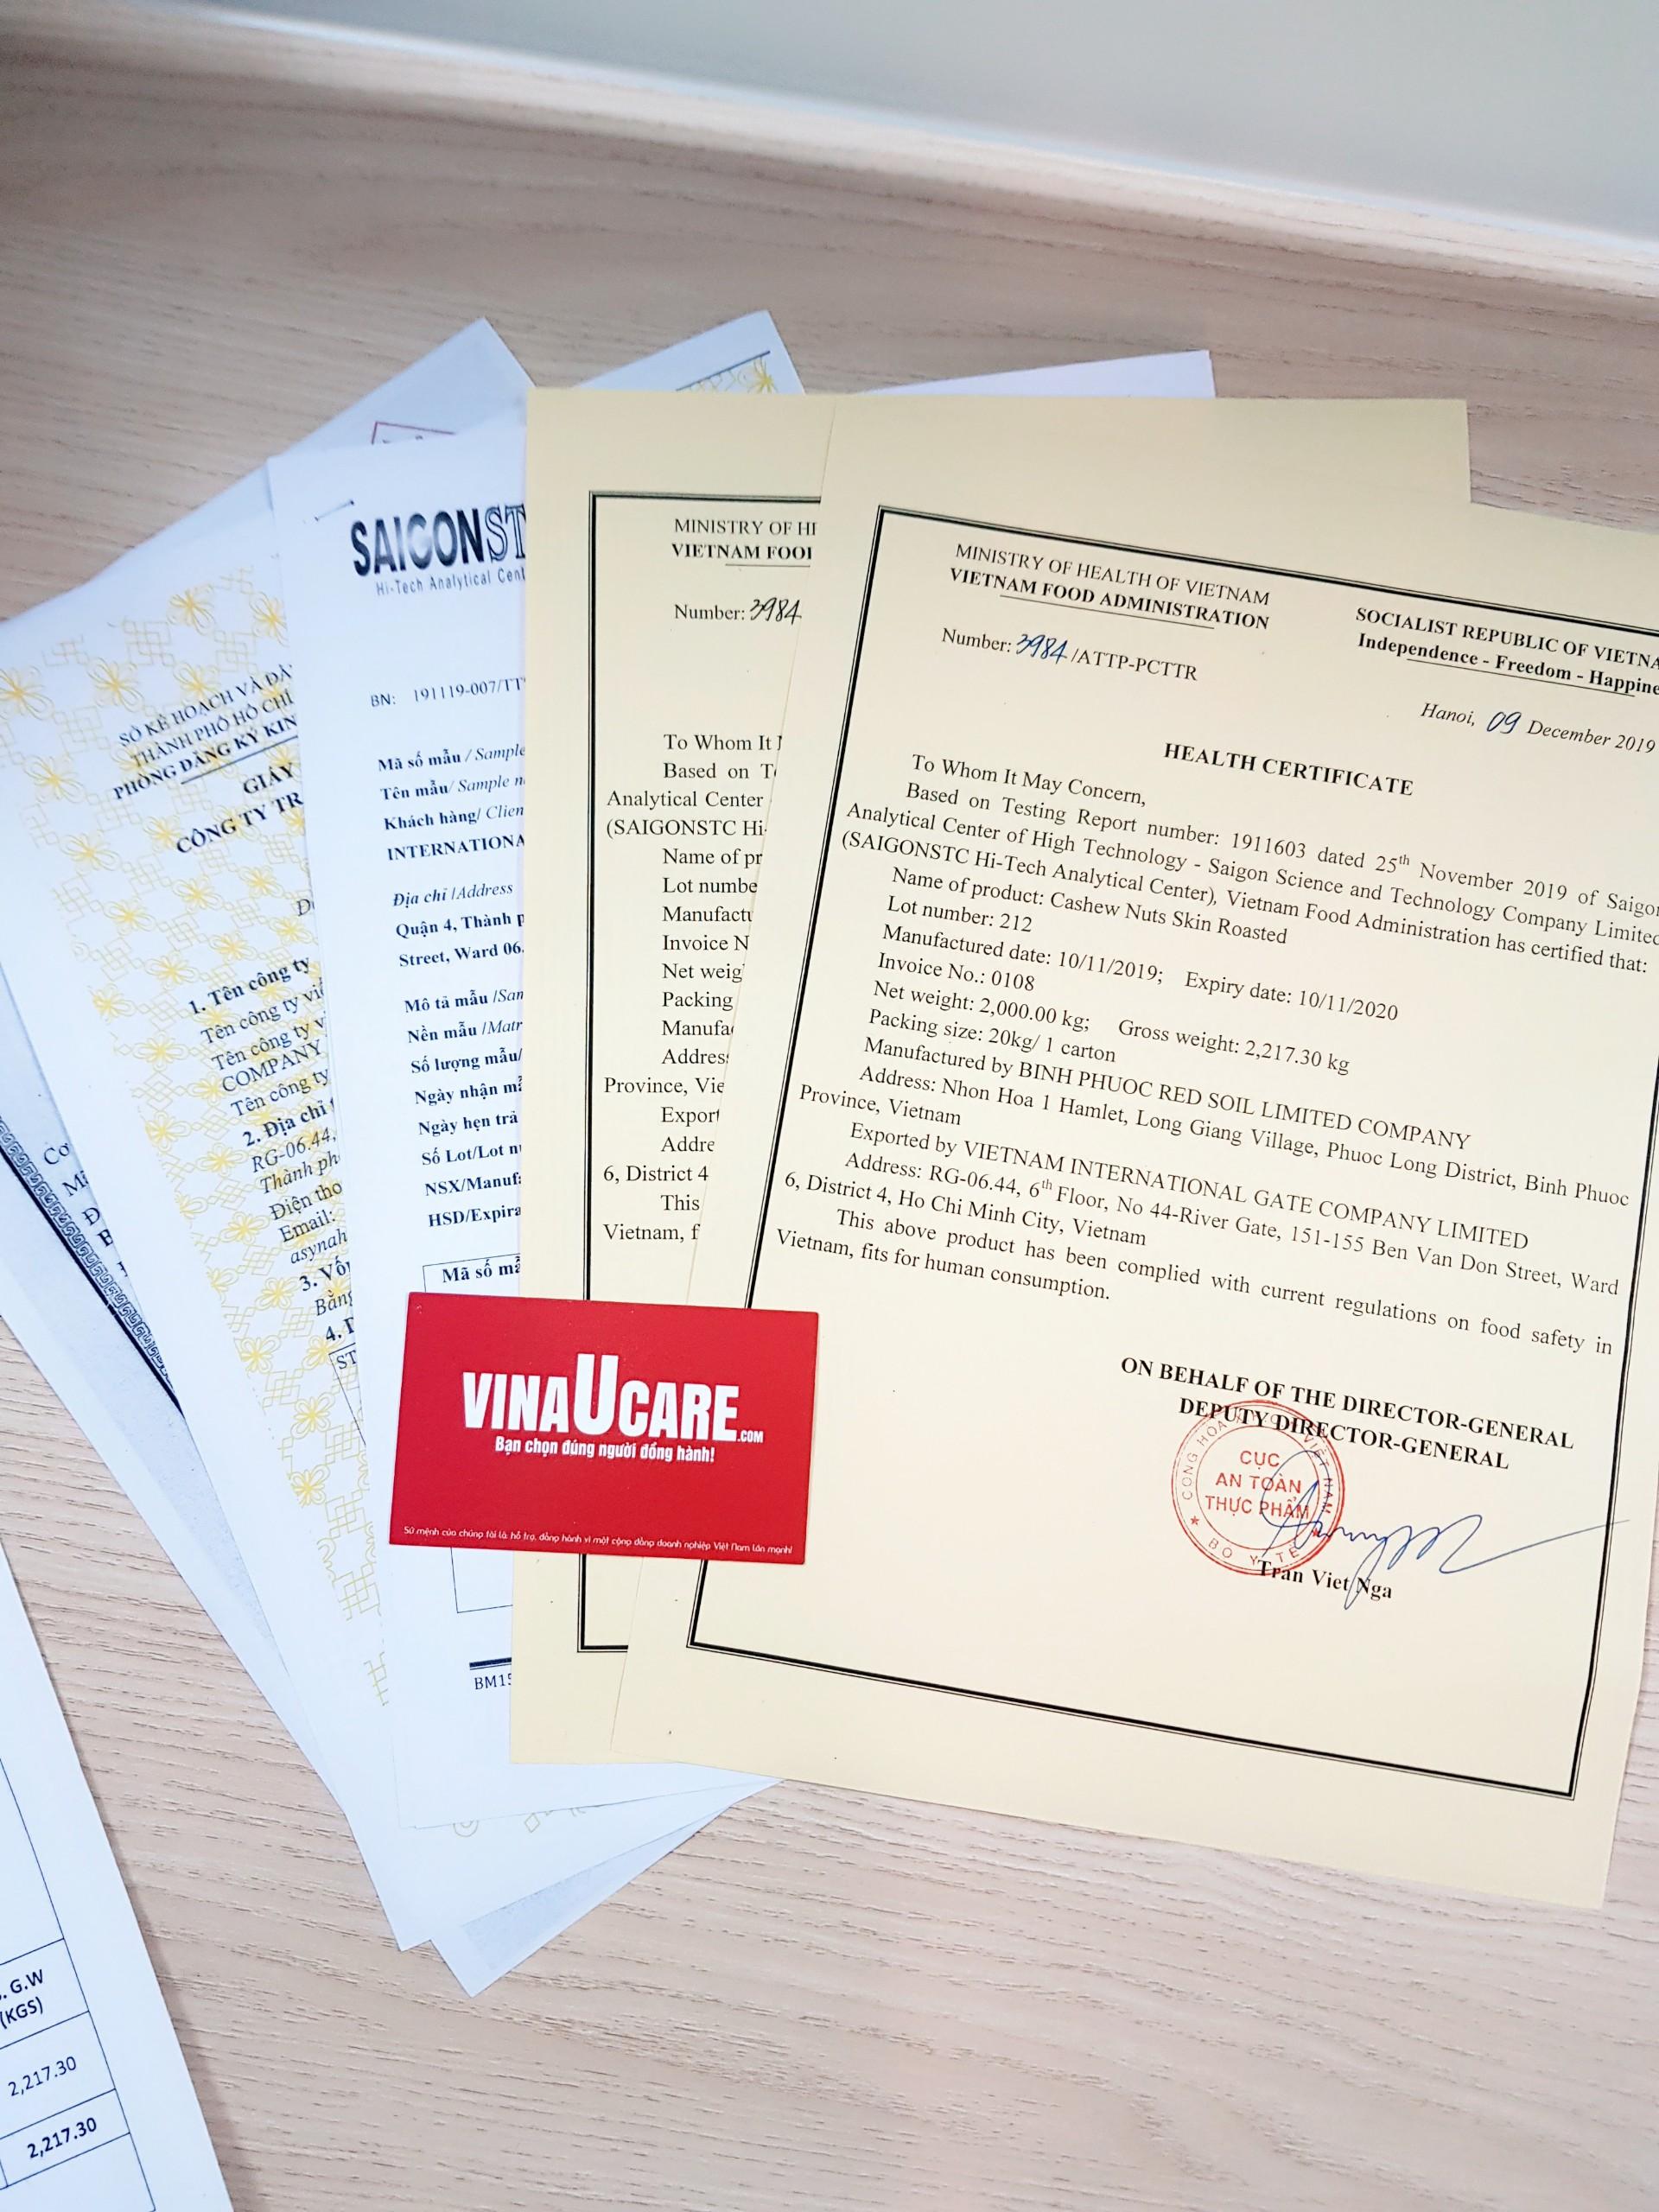 Dịch vụ đăng ký chứng nhận y tế uy tín toàn quốc